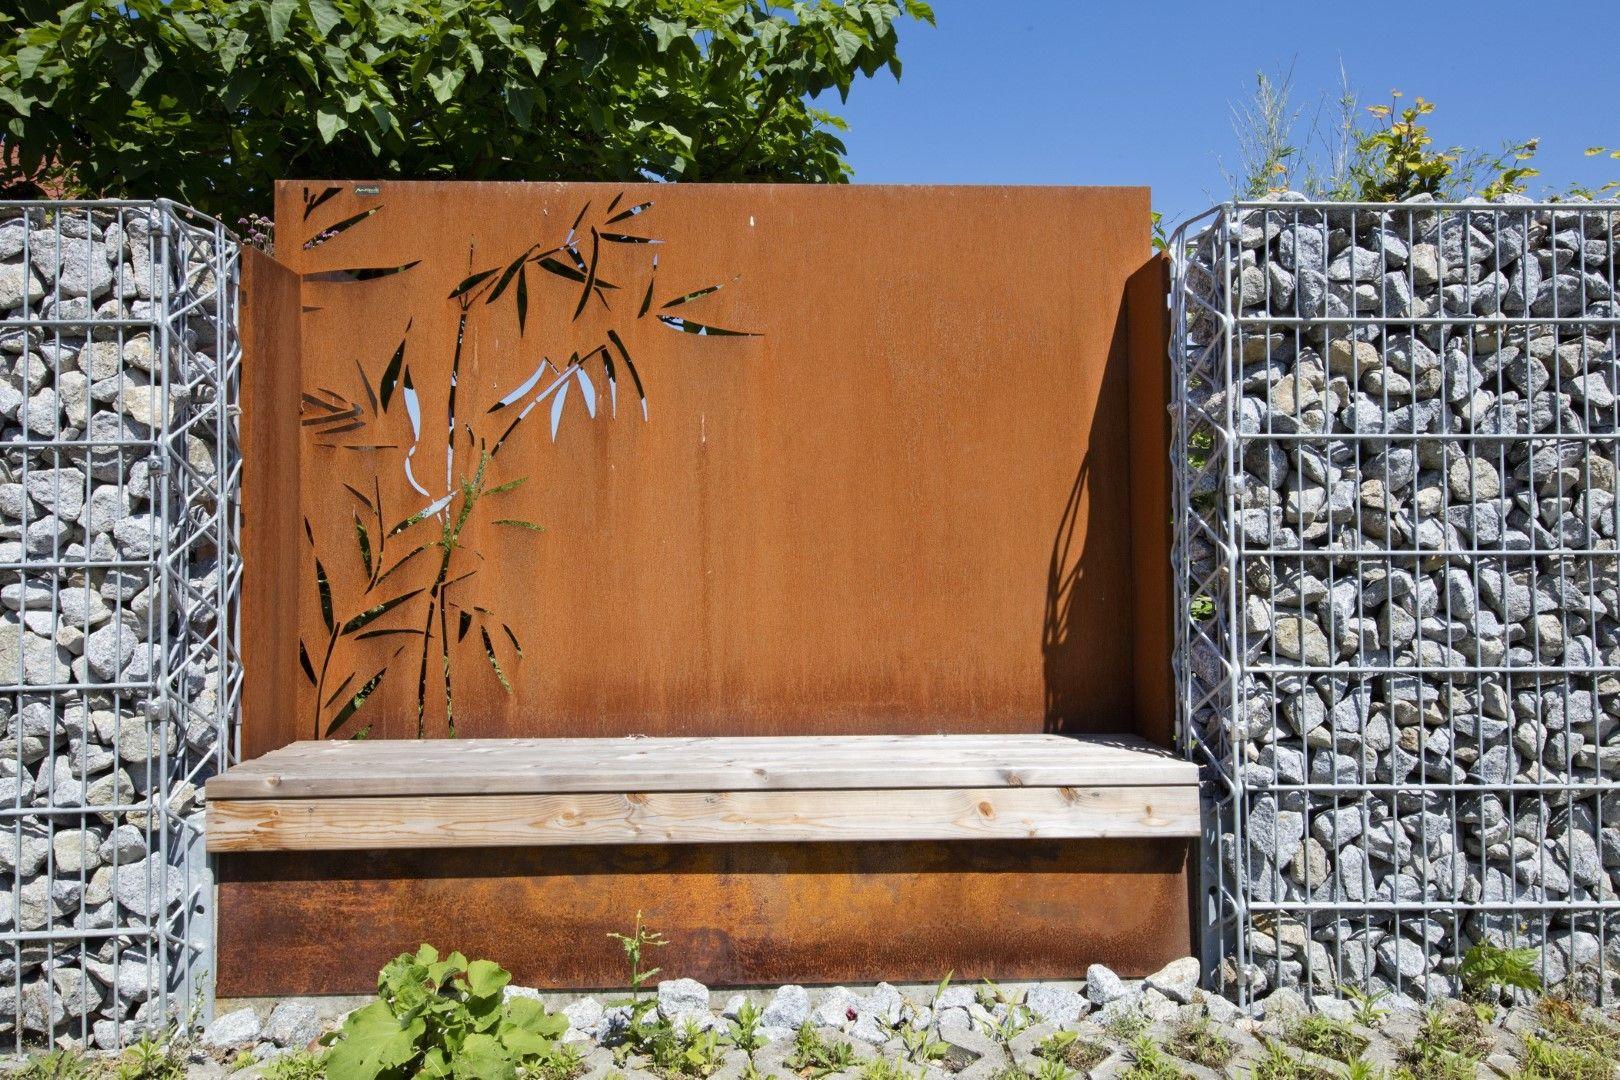 Sichtschutz Für Den Garten Aus Corten Stahl Rost In Farbe Paras Cortenstahl Trennwand Garten Sichtschutzwand Garten